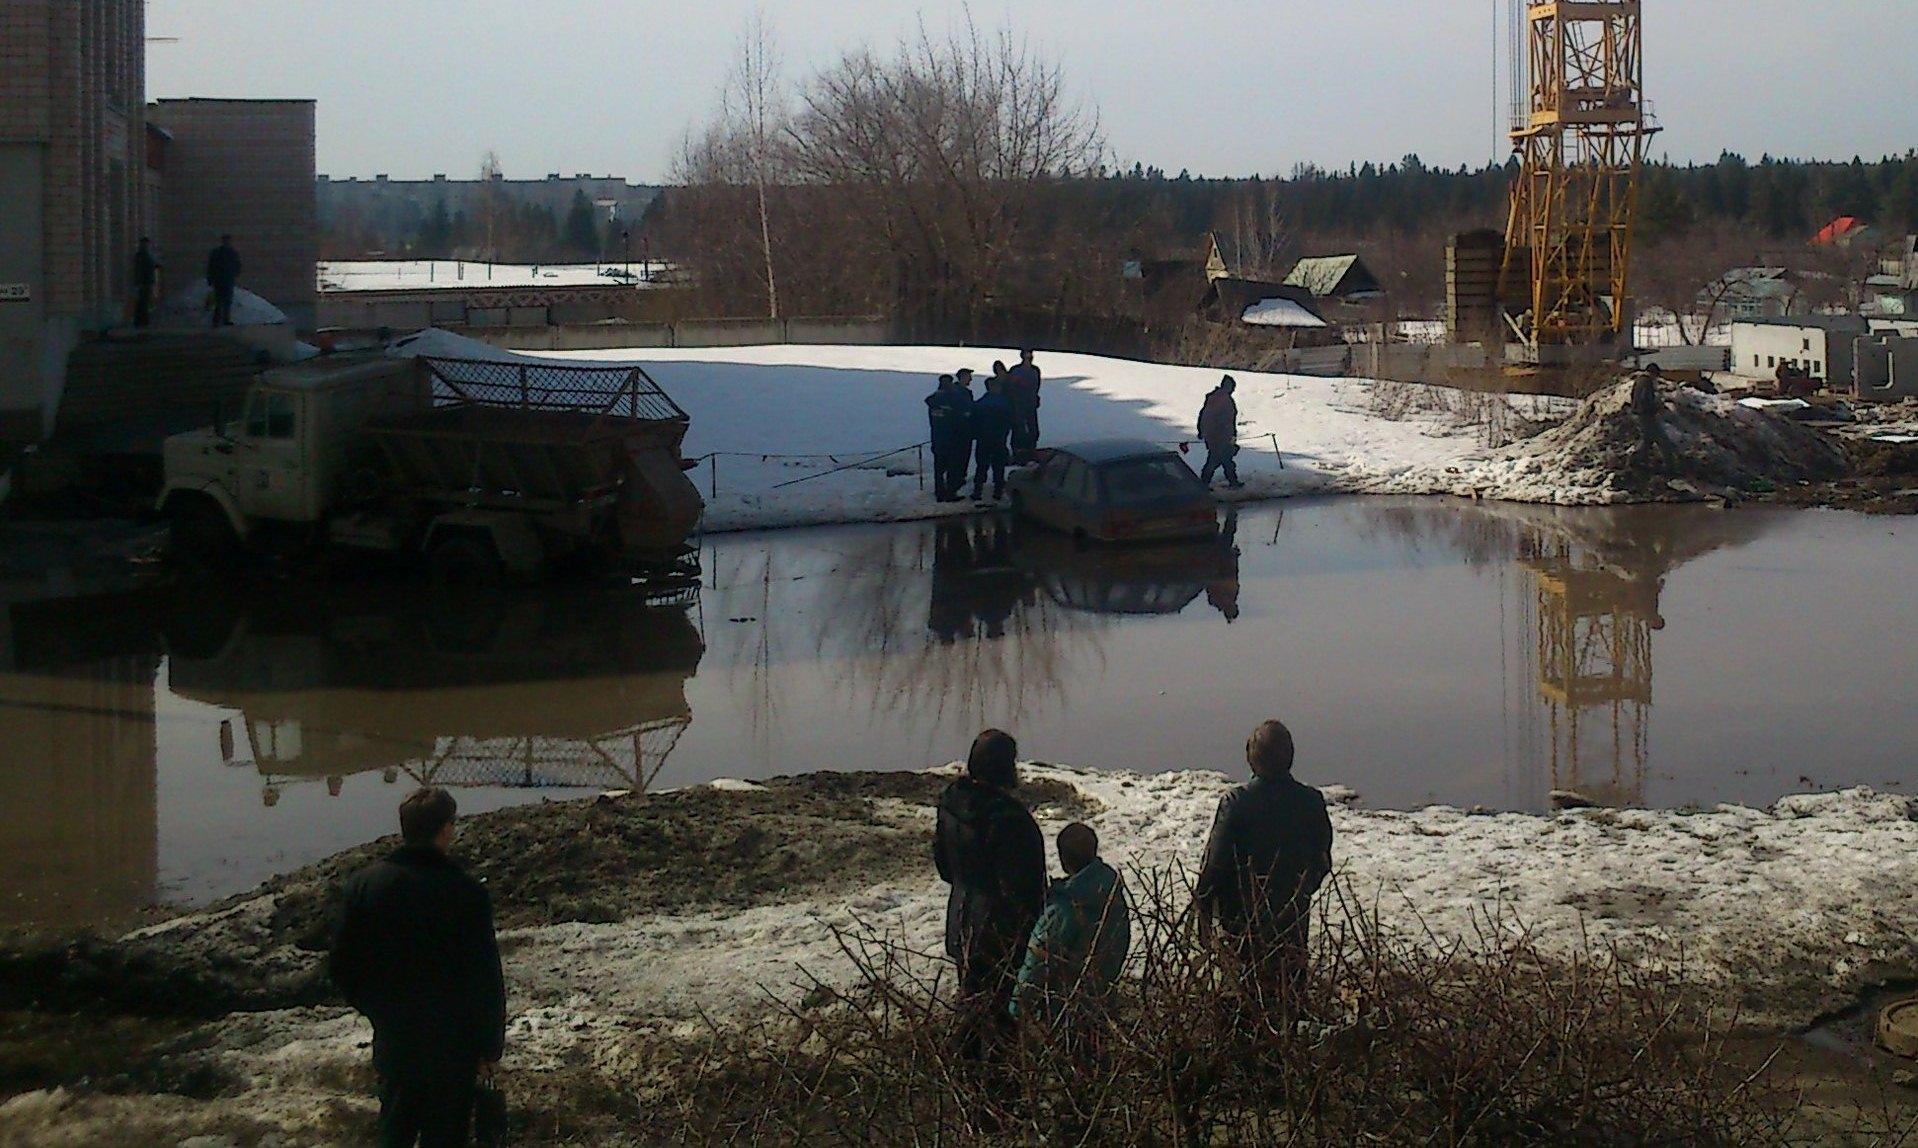 Фотофакт: на улице Холмогорова в Ижевске затопило машину